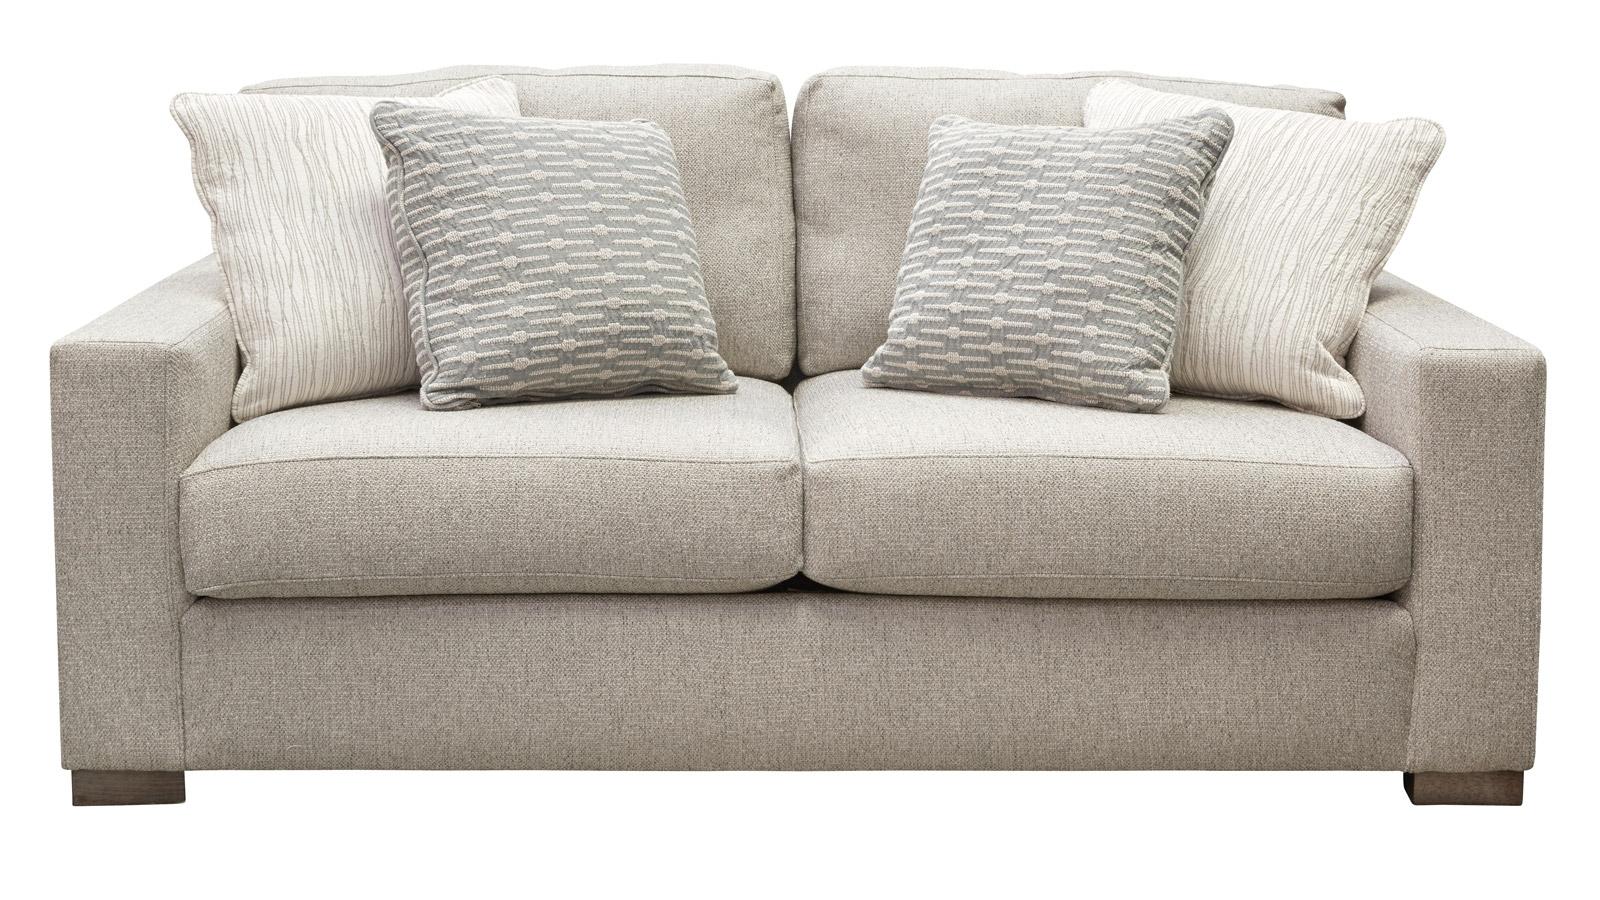 Prime Malibu Quartz Loveseat Lamtechconsult Wood Chair Design Ideas Lamtechconsultcom